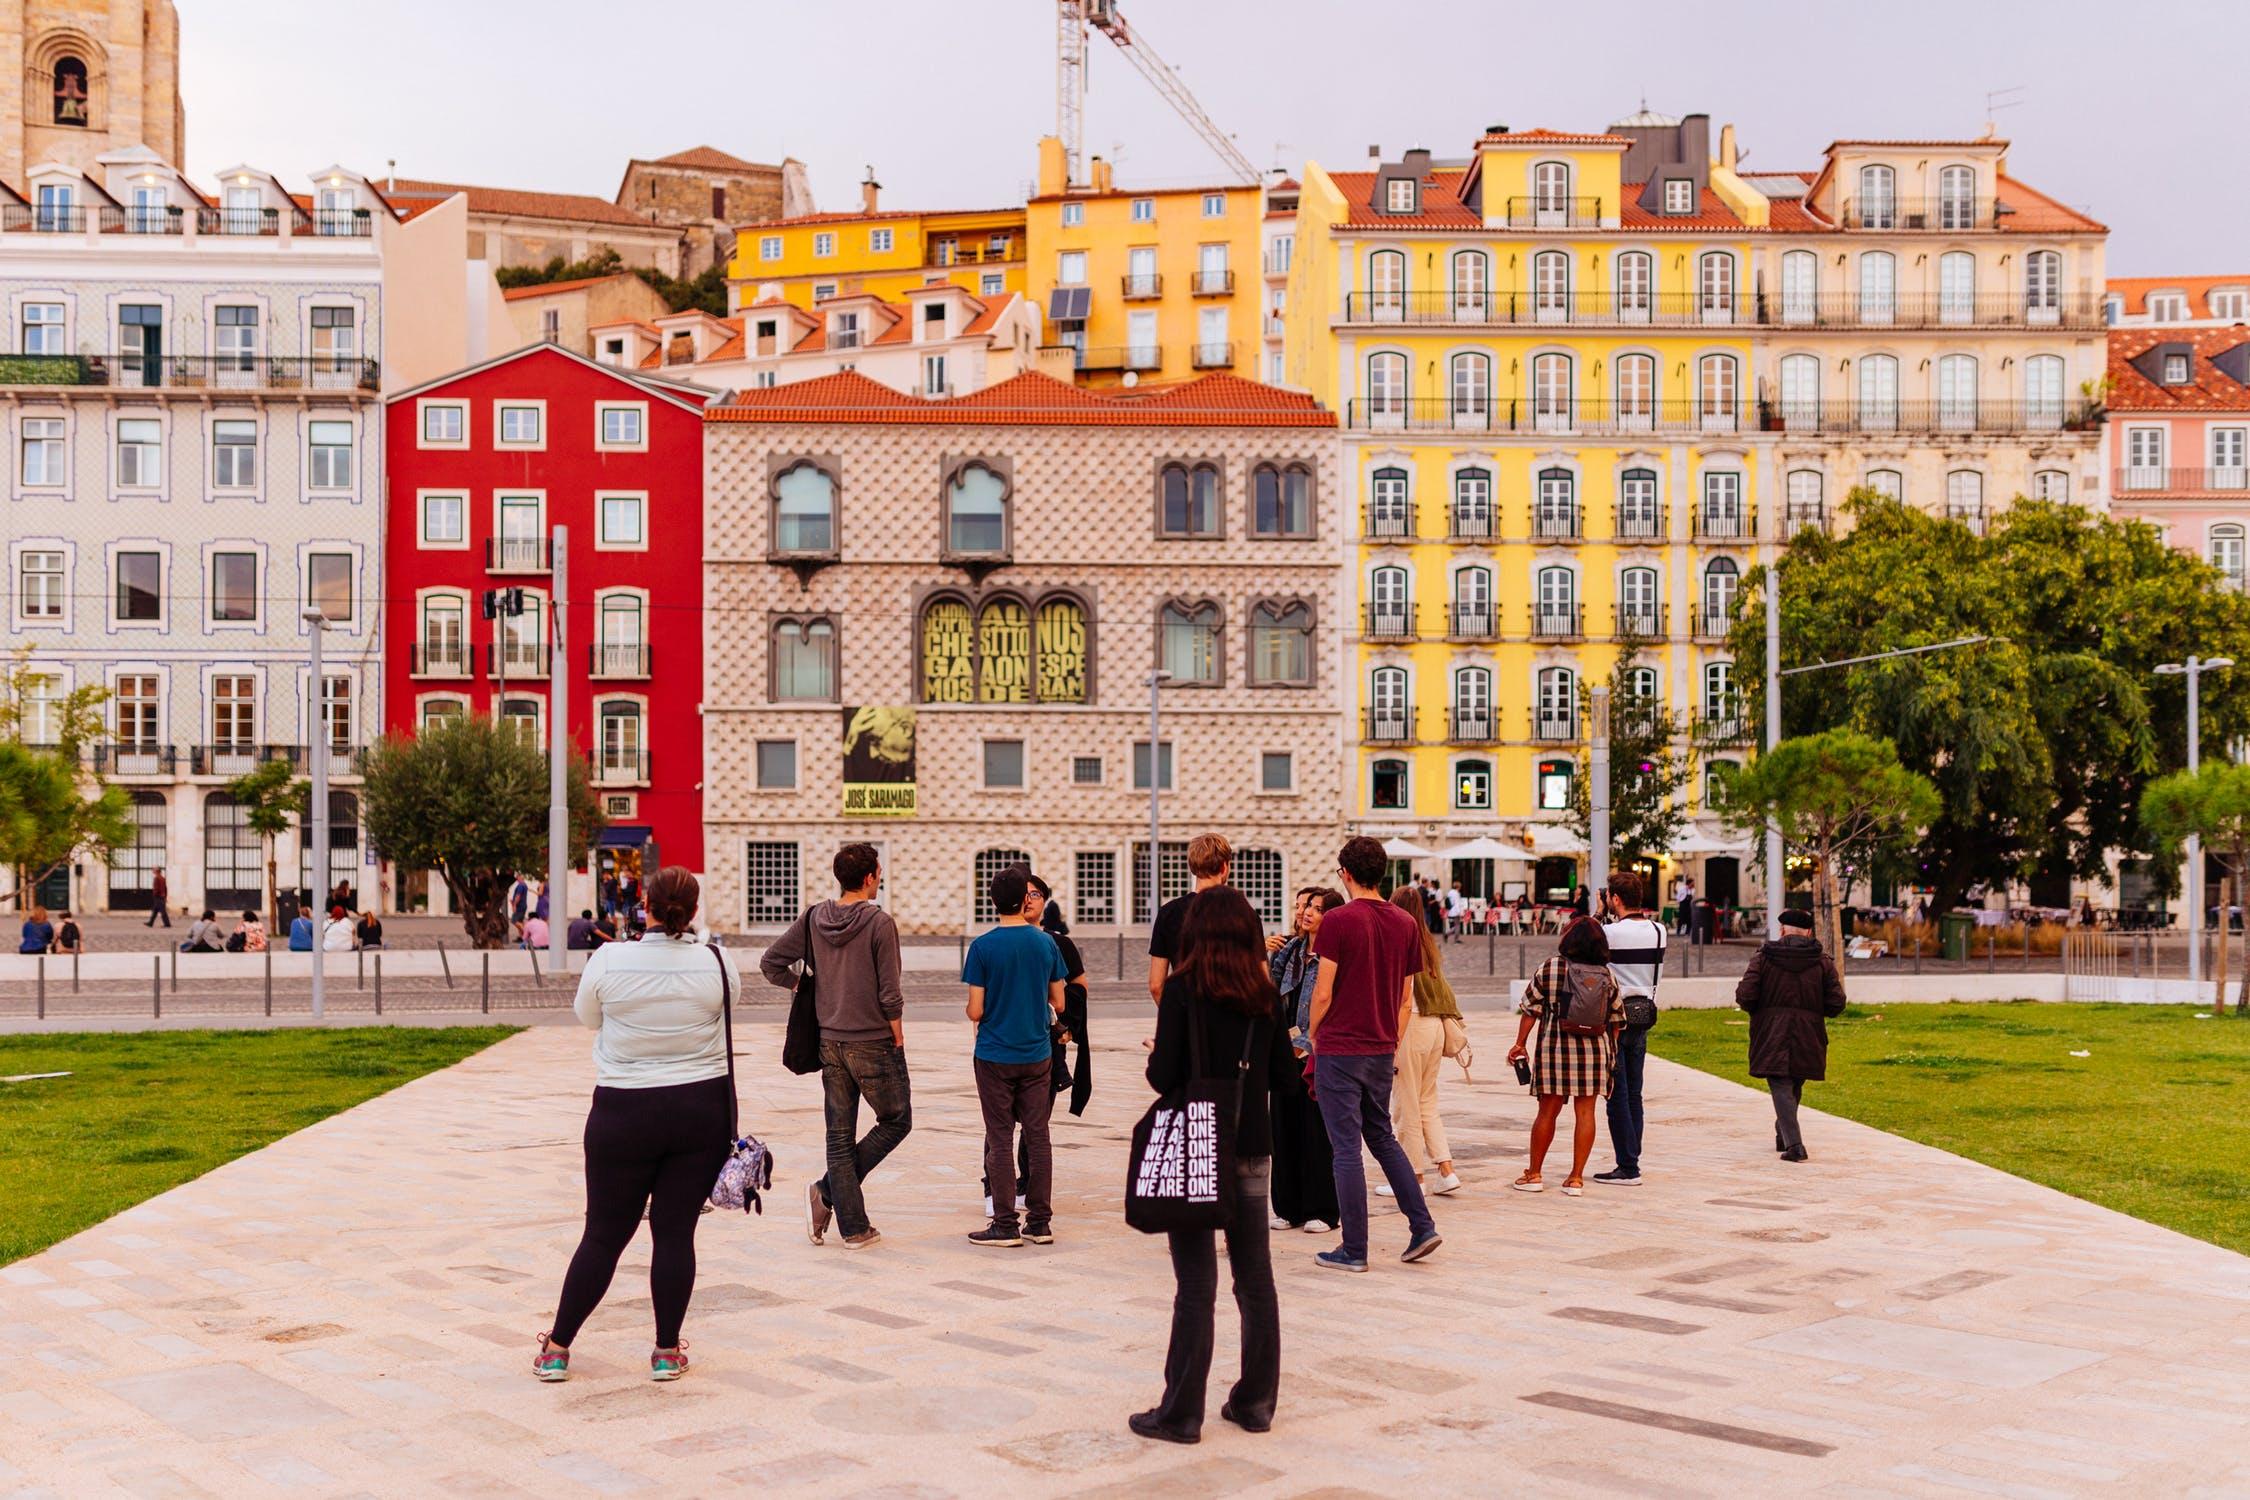 Après la hausse de ces dernières années, Lisbonne voit ses prix se stabiliser voir baisser